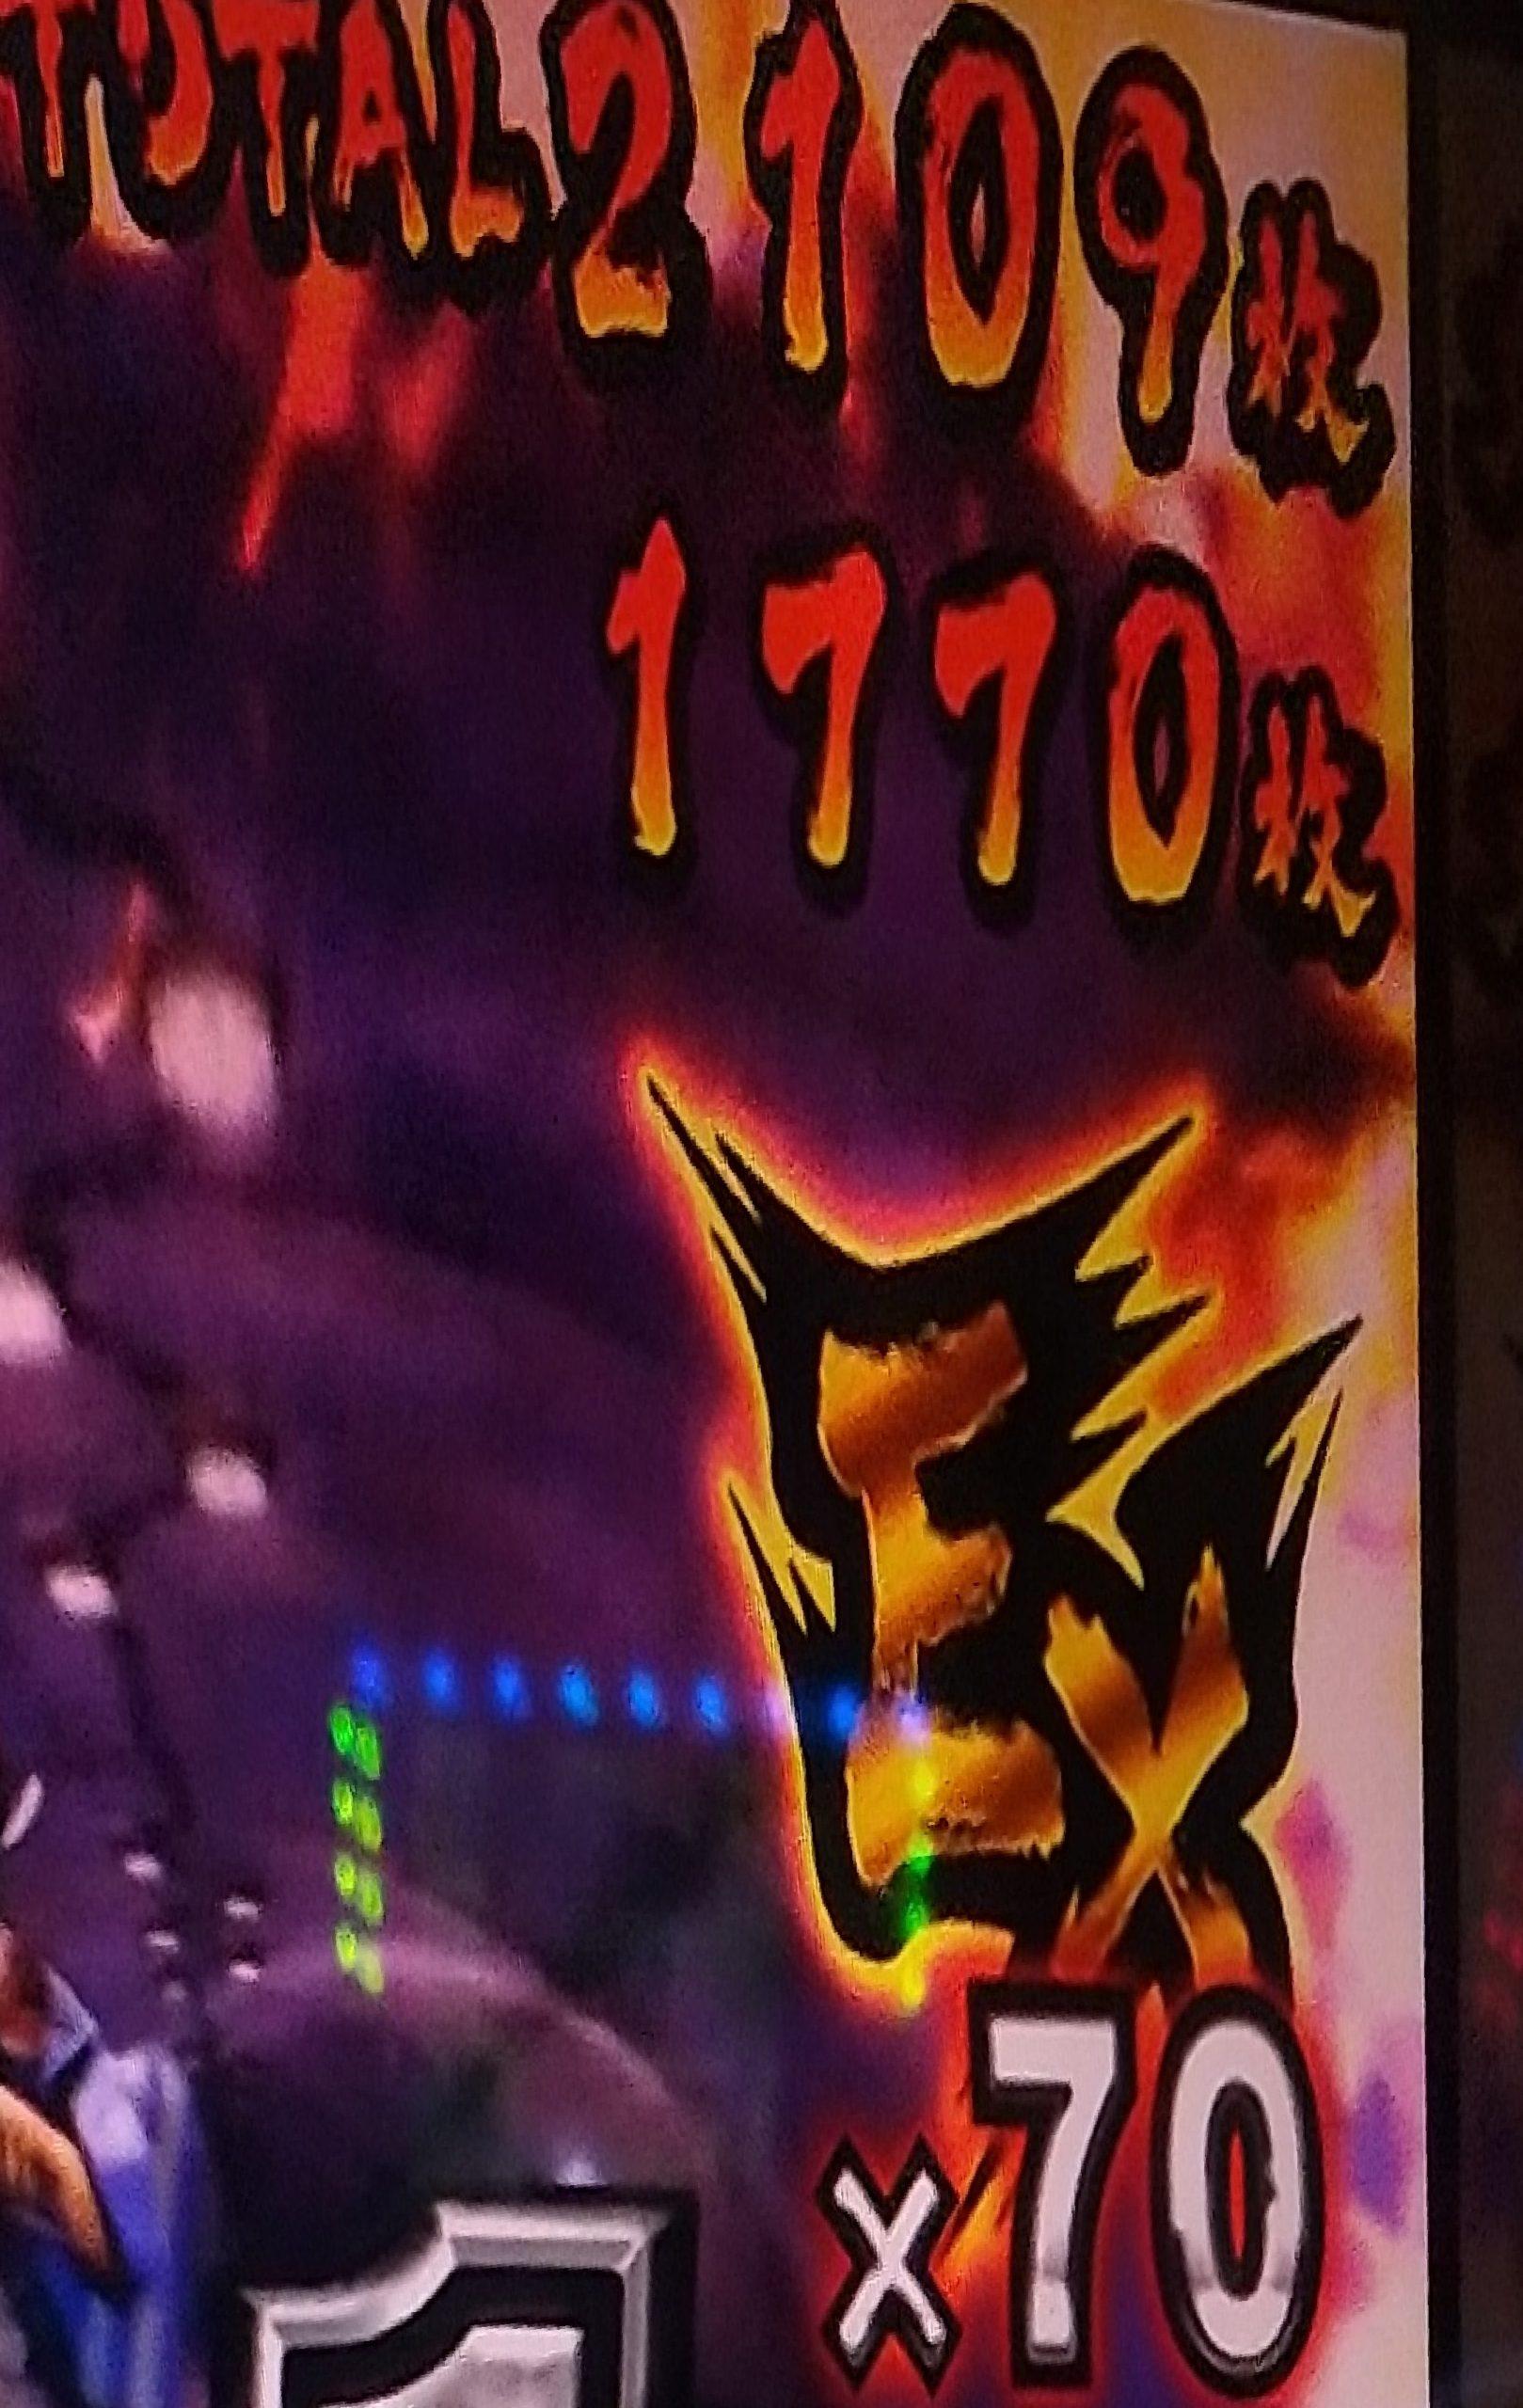 サラリーマン金太郎(5号機)でボーナスで一撃約1700枚出したった(笑)(笑)